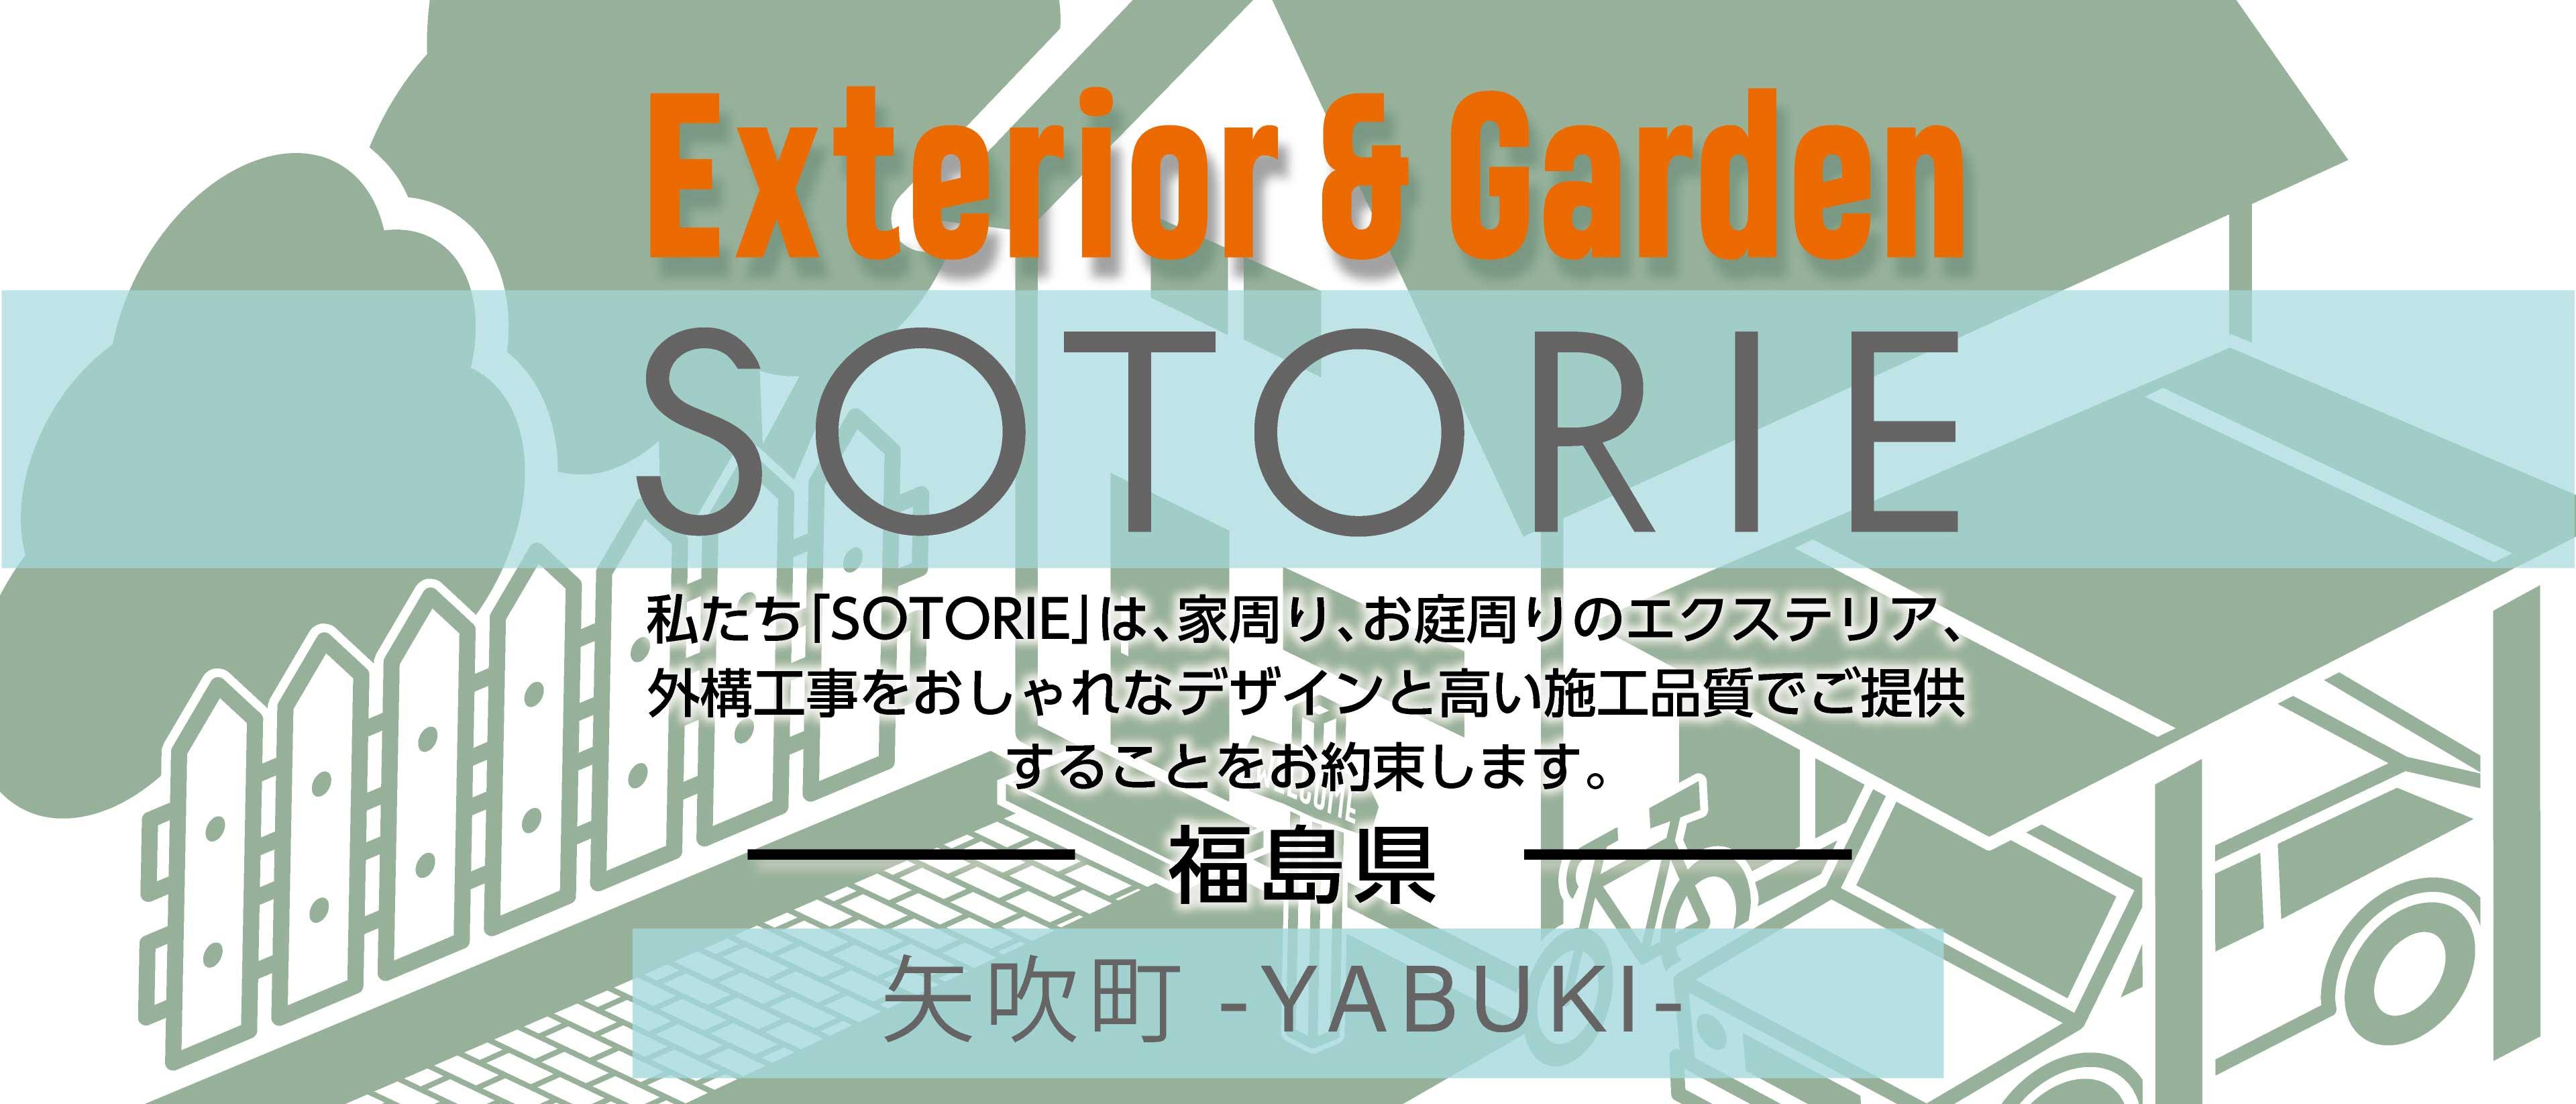 ソトリエ矢吹町では、家周りと庭周りの外構、エクステリア工事をおしゃれなデザインと高い施工品質でご提供することをお約束します。